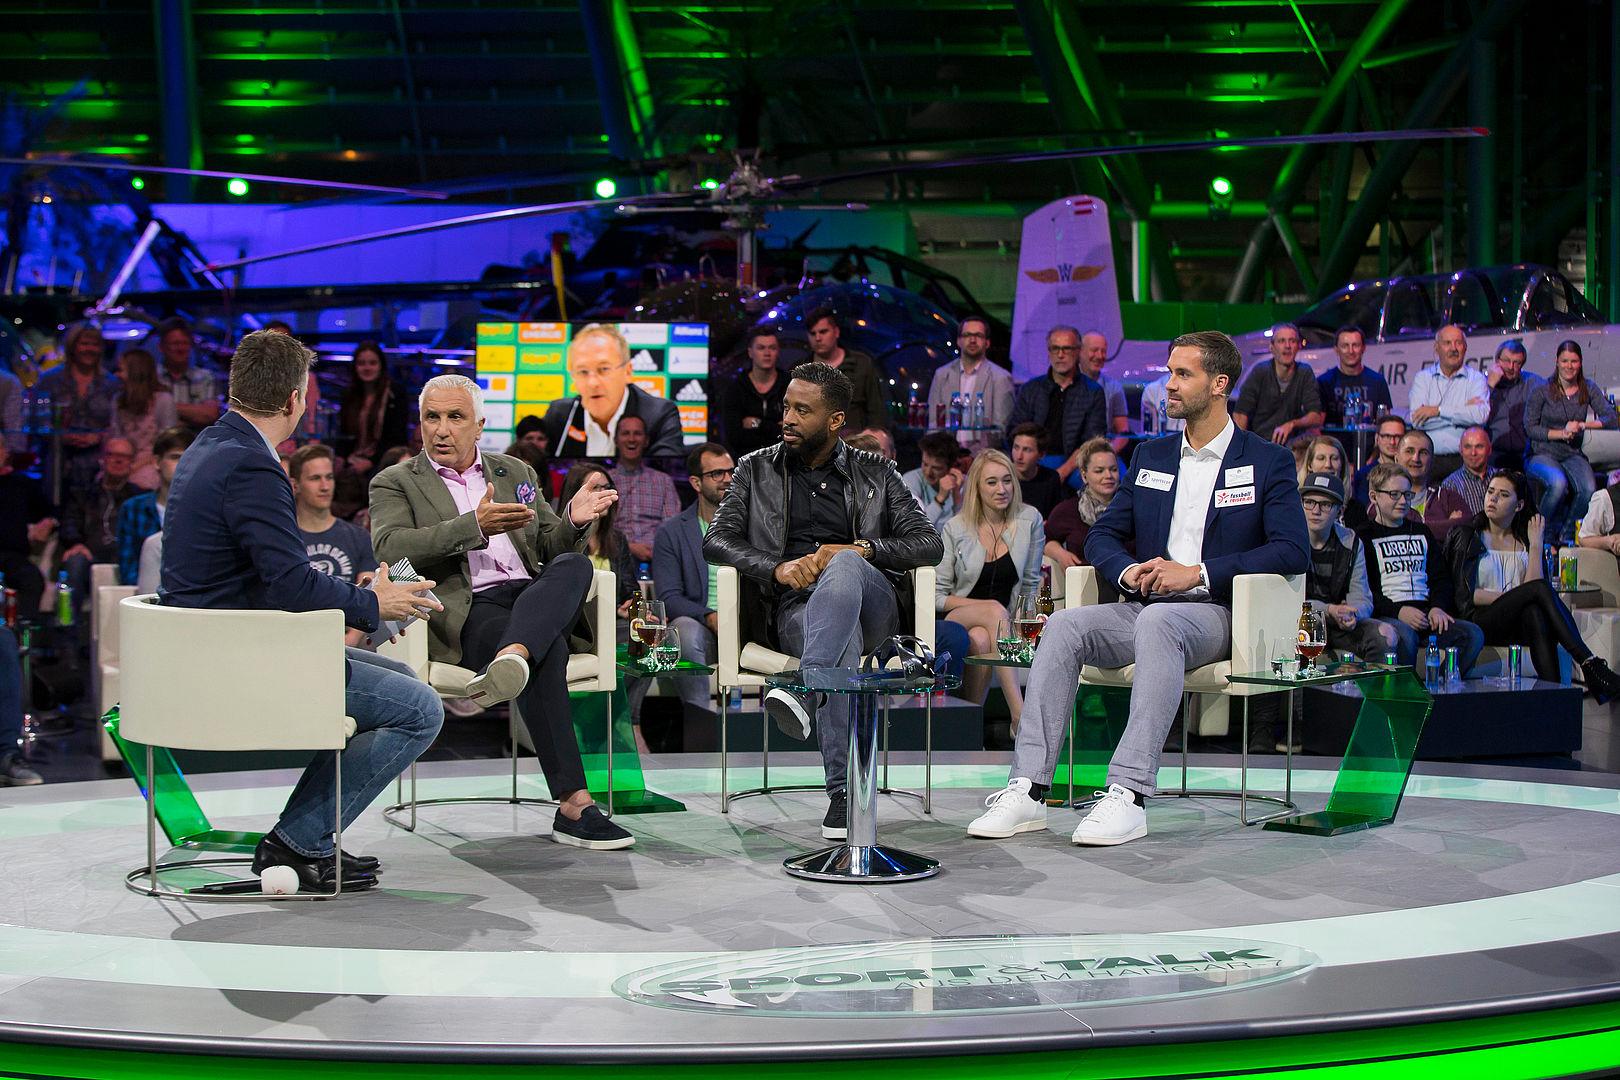 Sport Und Talk Im Hangar 7